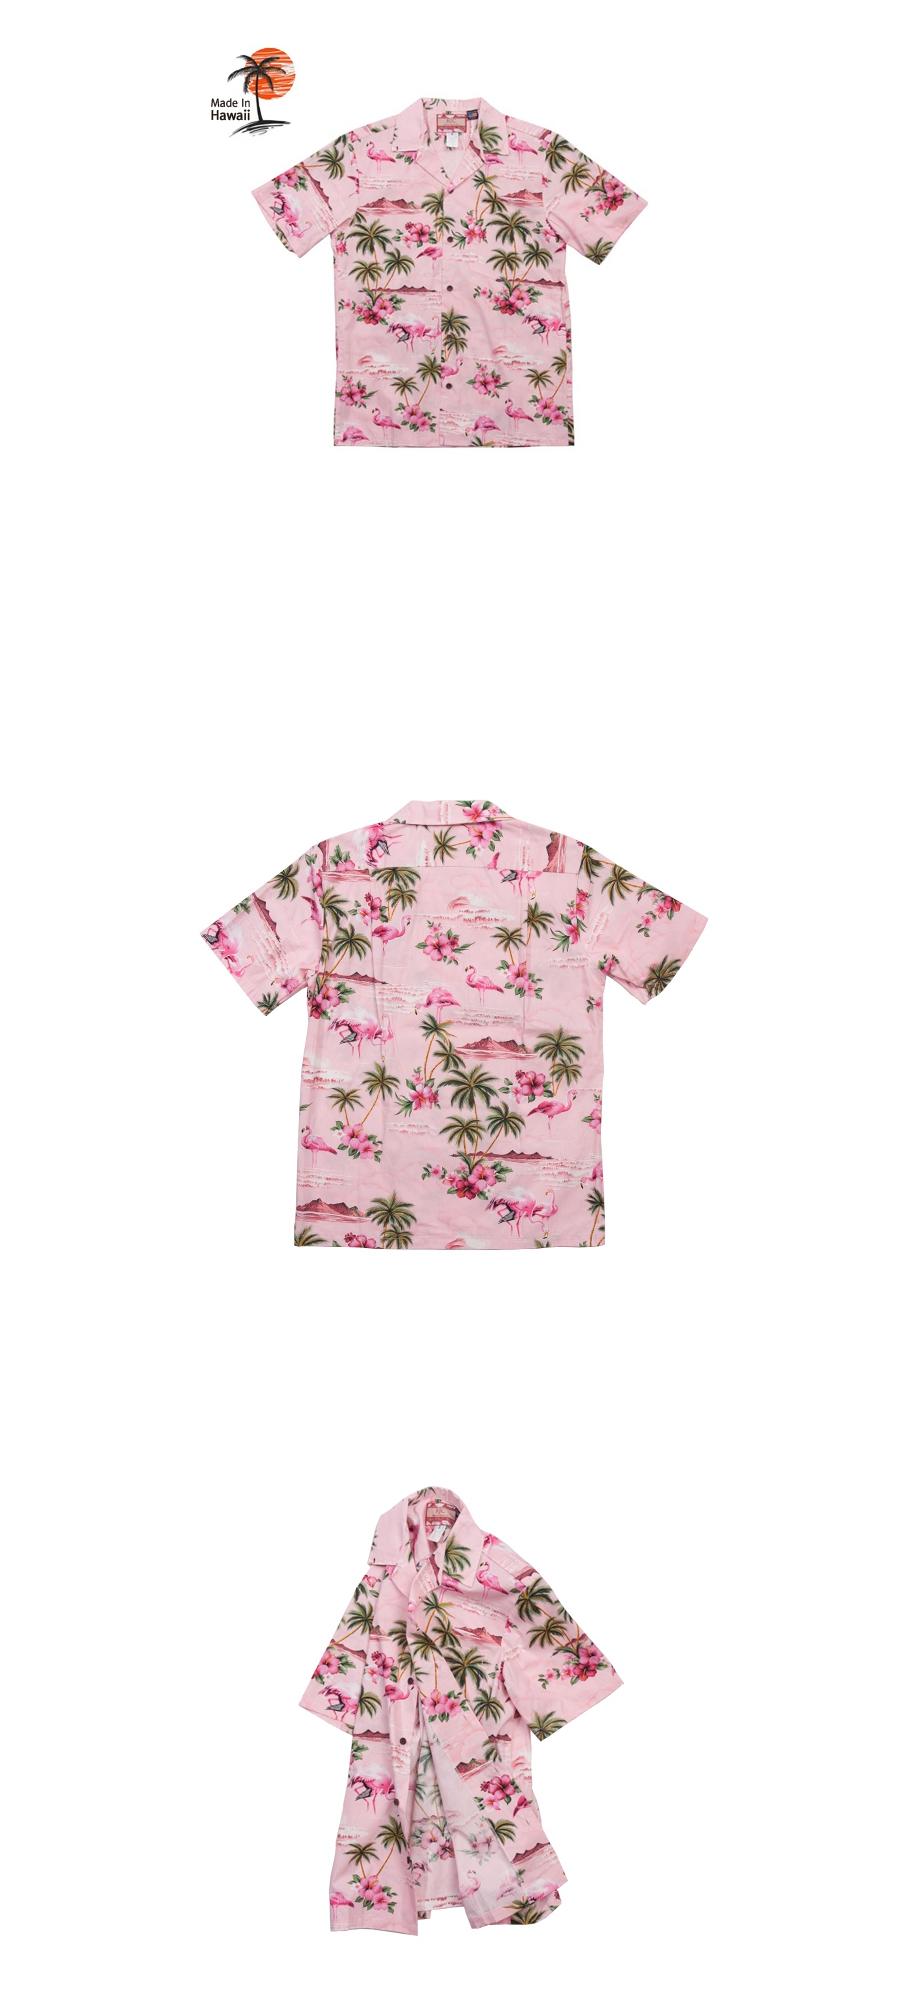 로버트제이씨 하와이(ROBERT J.C HAWAII) 102C.275 Hawaii Shirts [Pink]